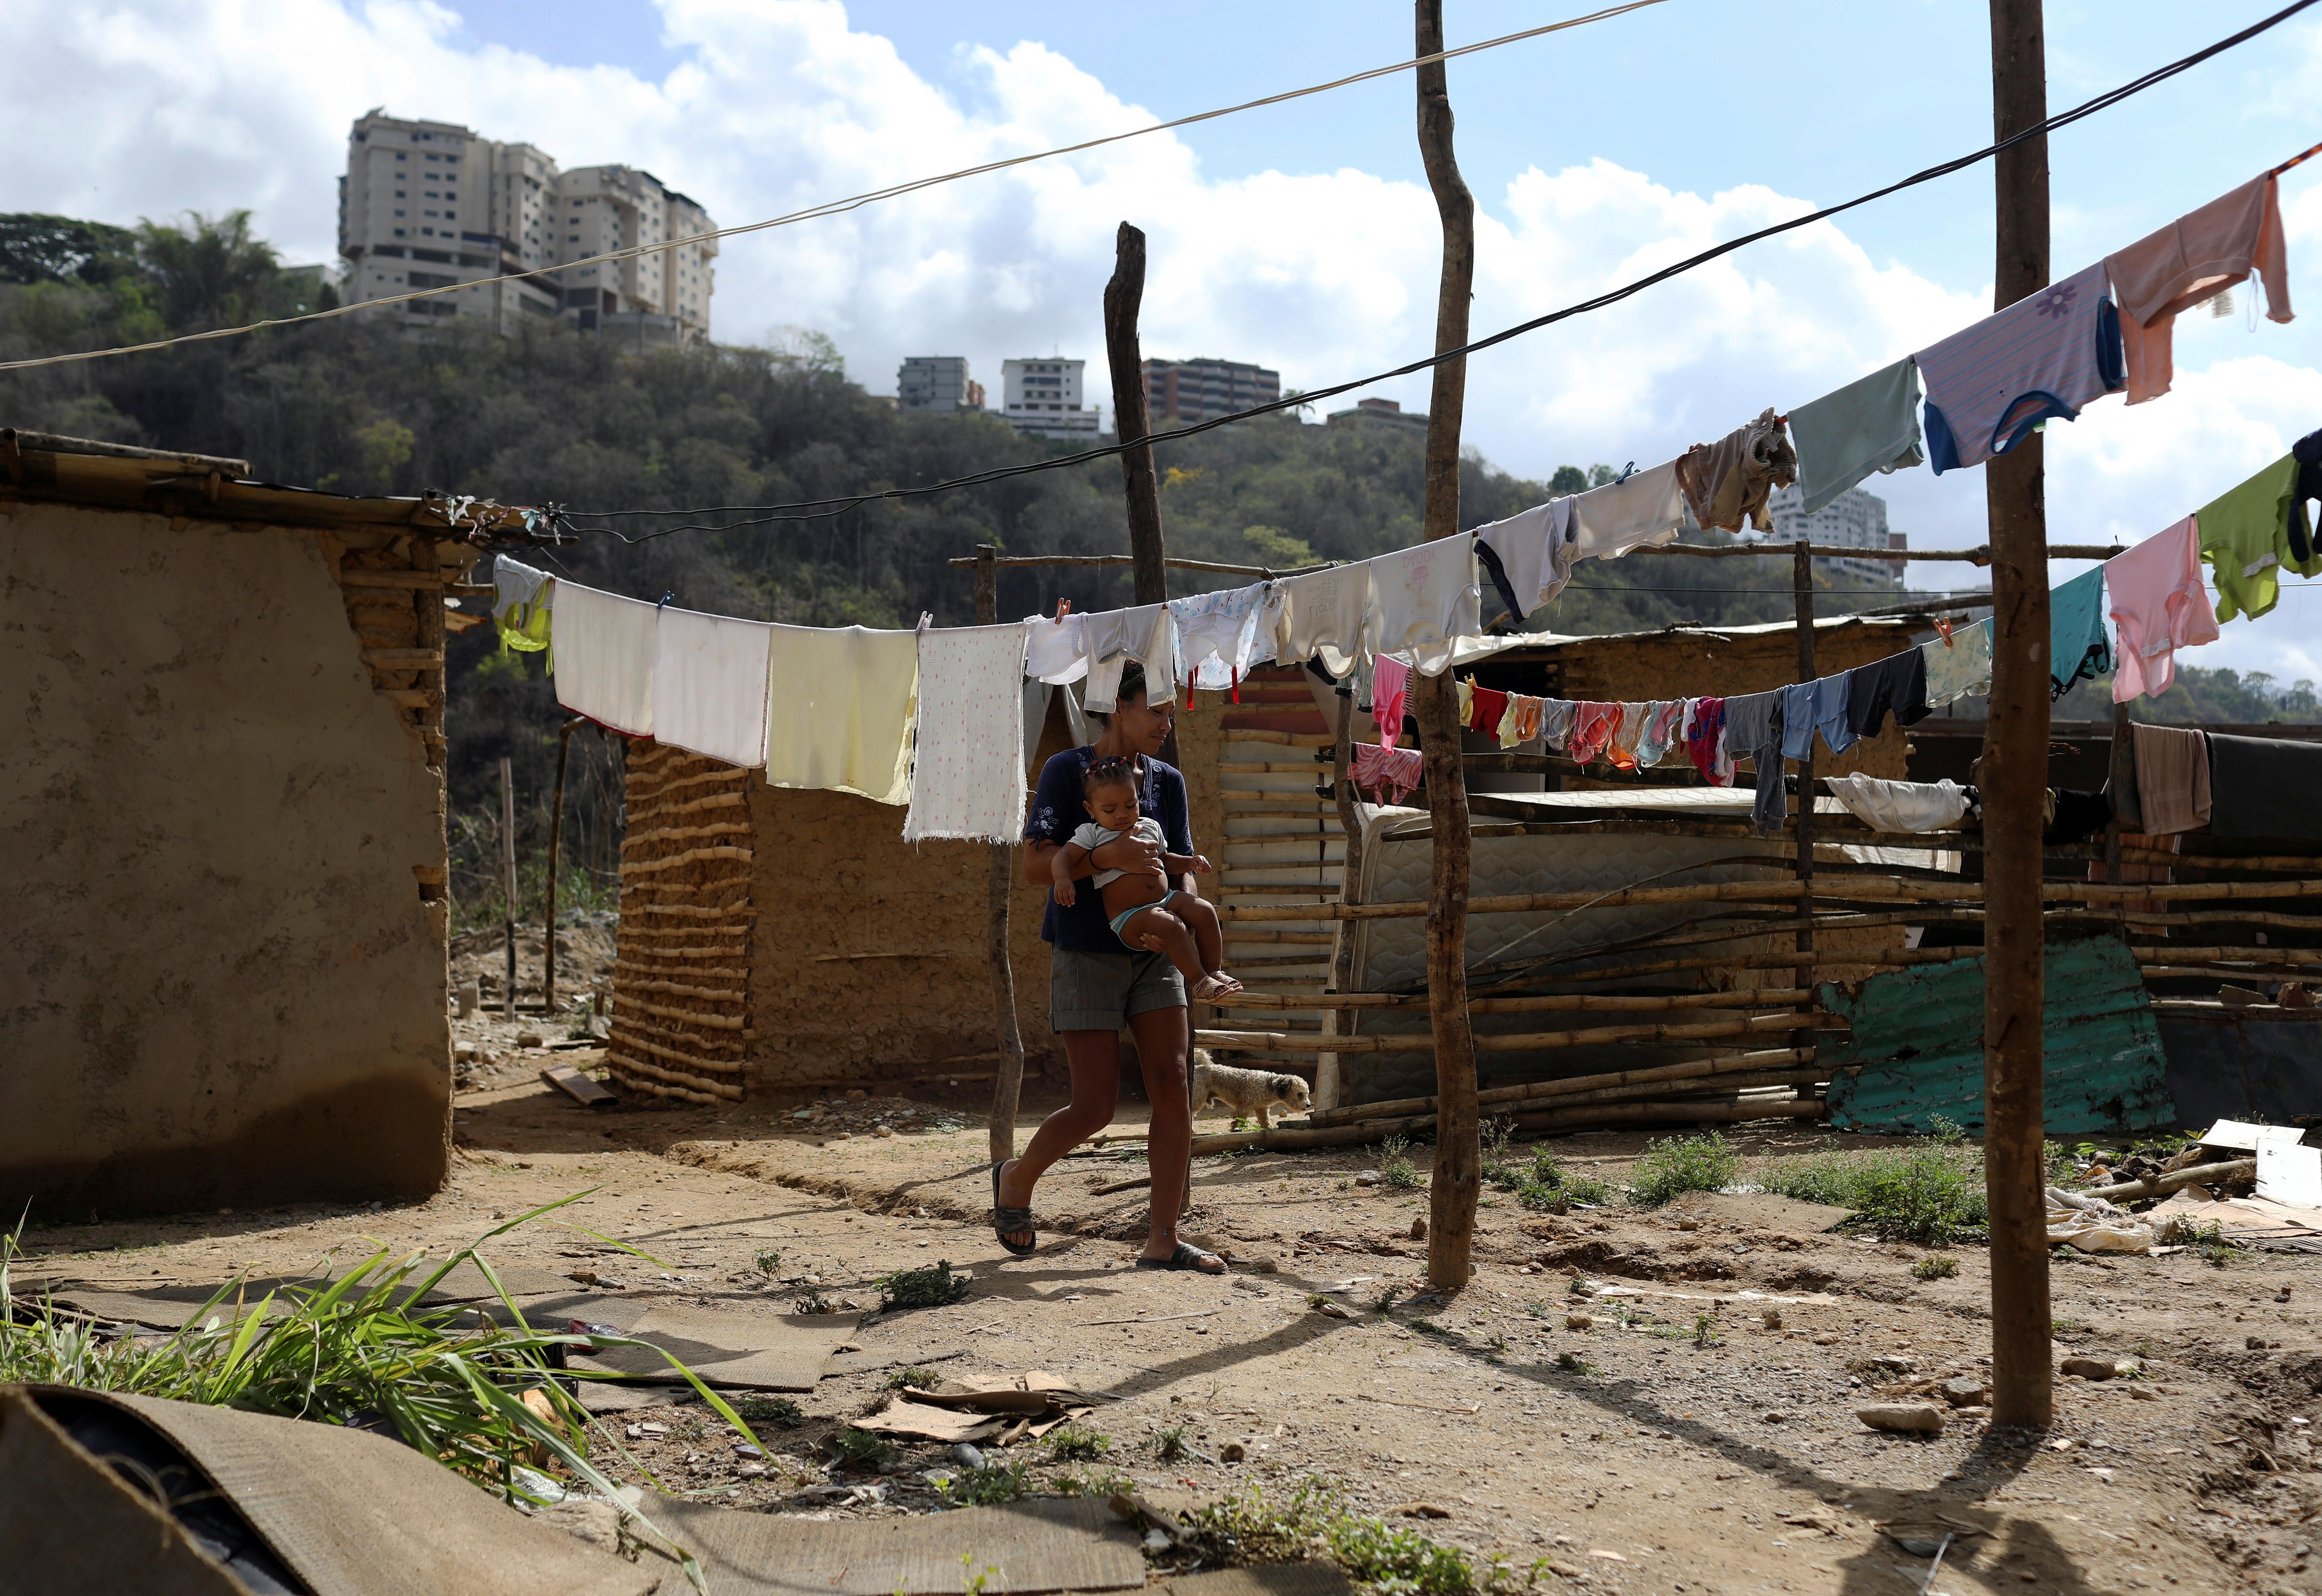 Extreme poverty in Venezuela rises to 76.6%